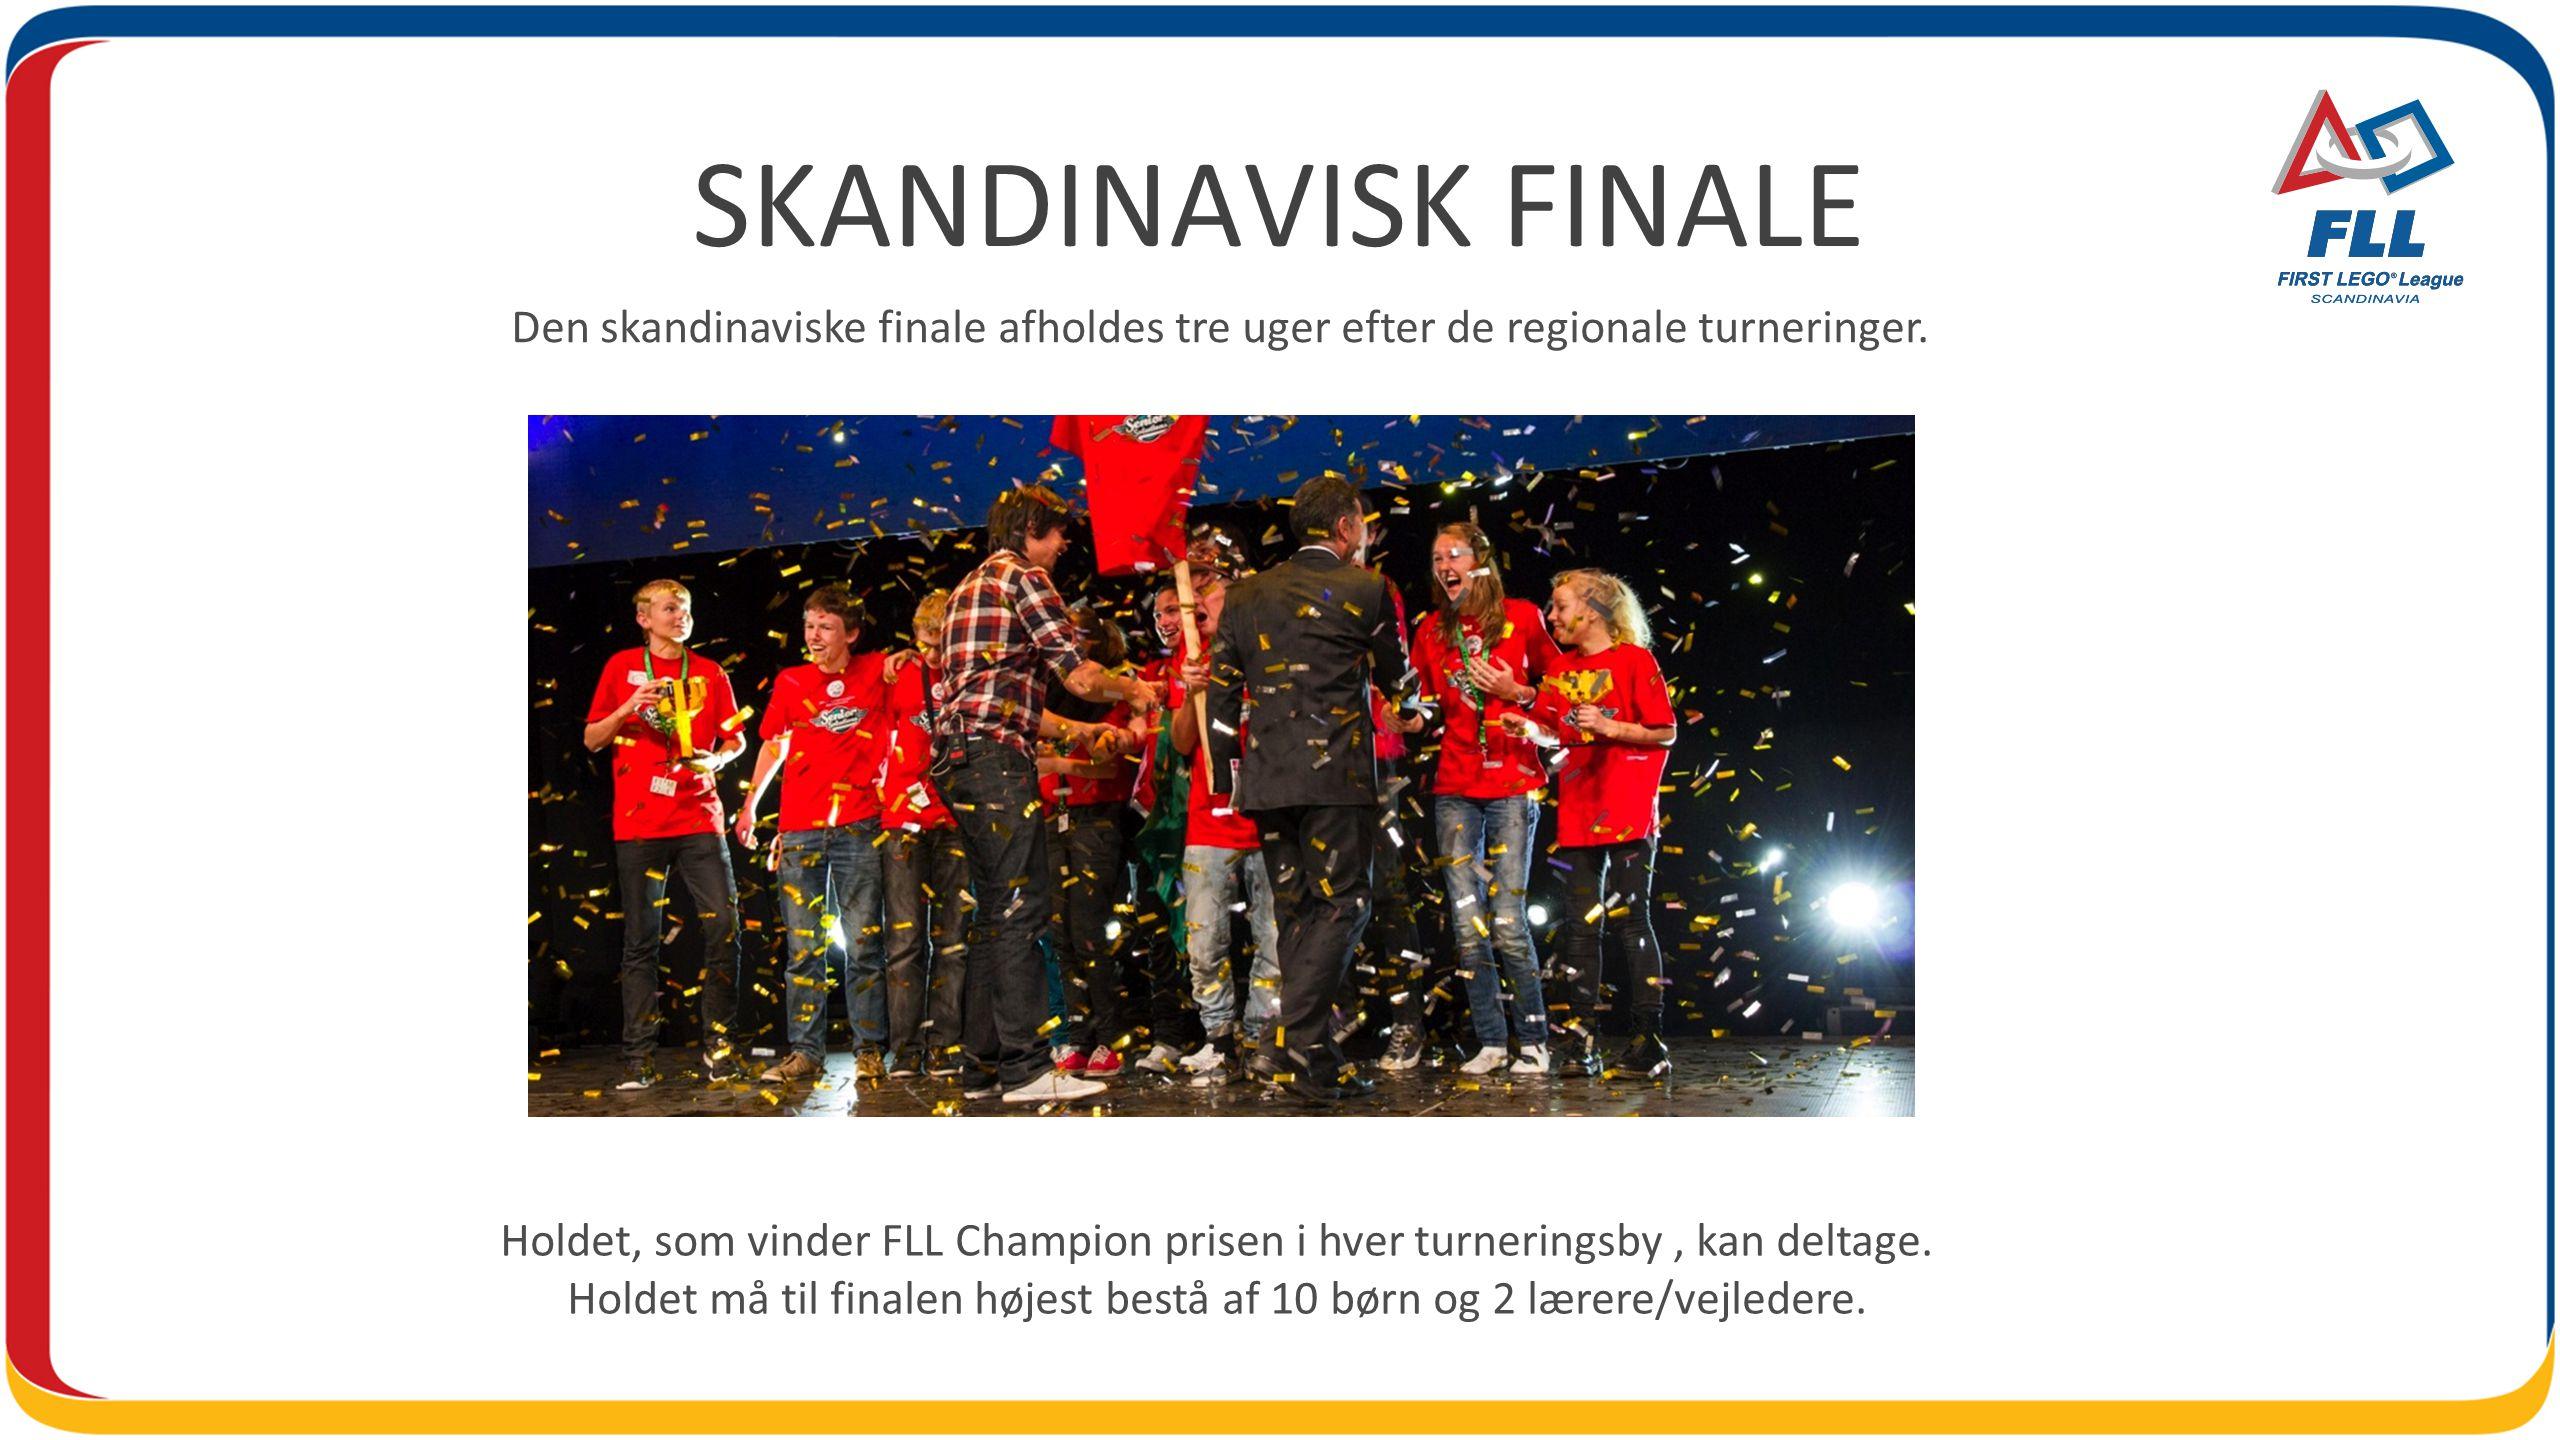 SKANDINAVISK FINALE Den skandinaviske finale afholdes tre uger efter de regionale turneringer.